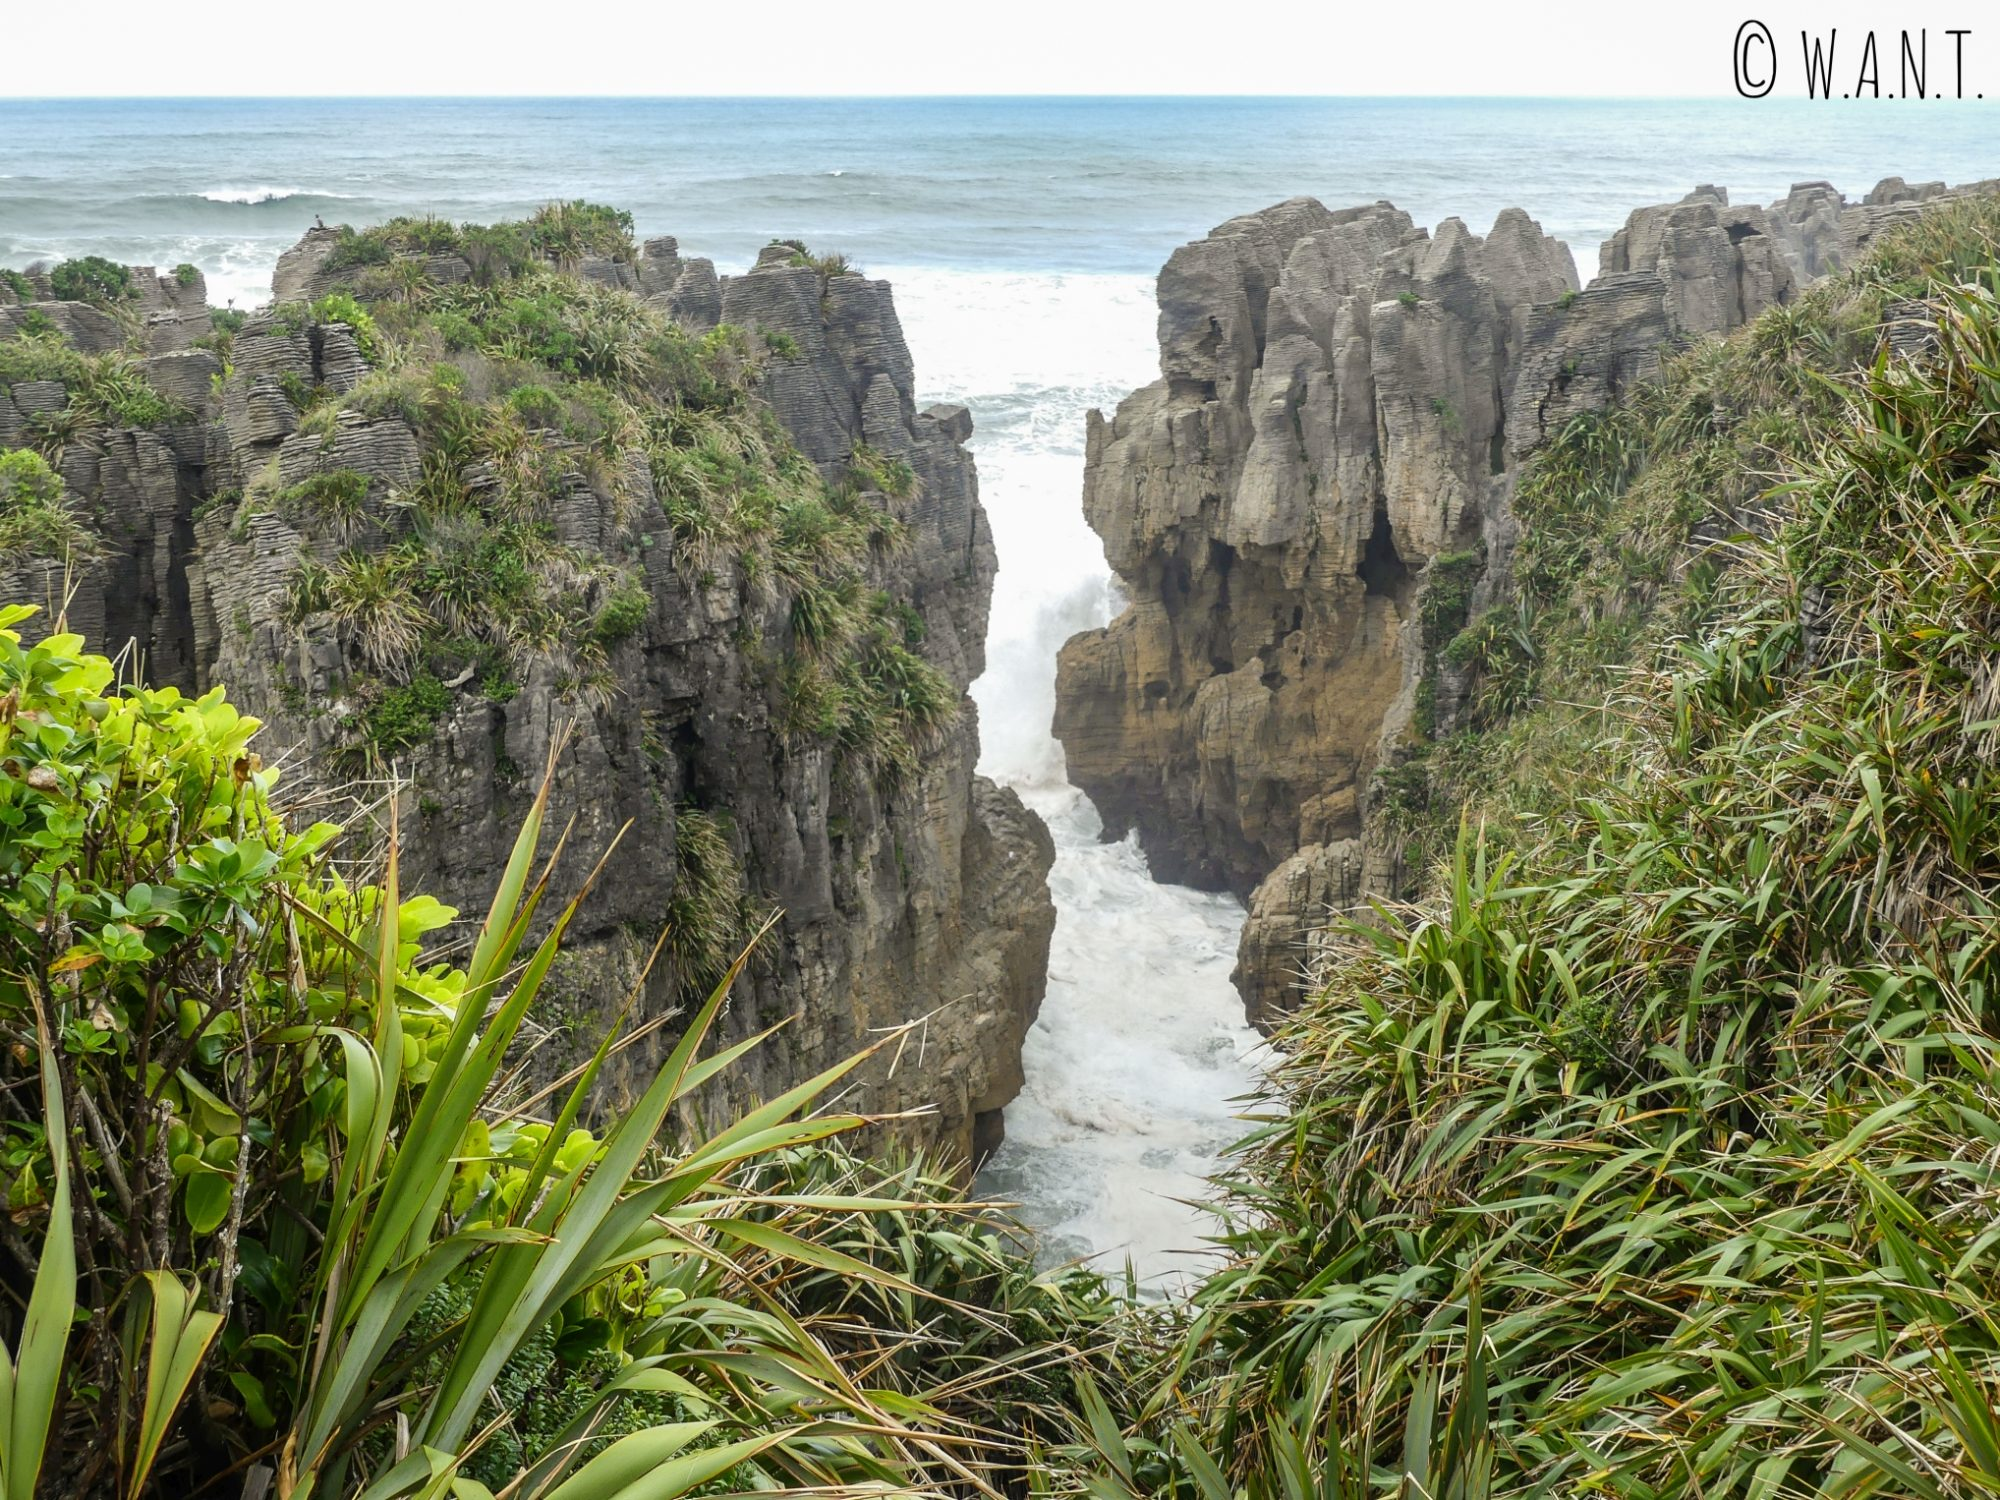 La mer s'engouffre dans les Pancake Rocks sur l'île du sud de la Nouvelle-Zélande